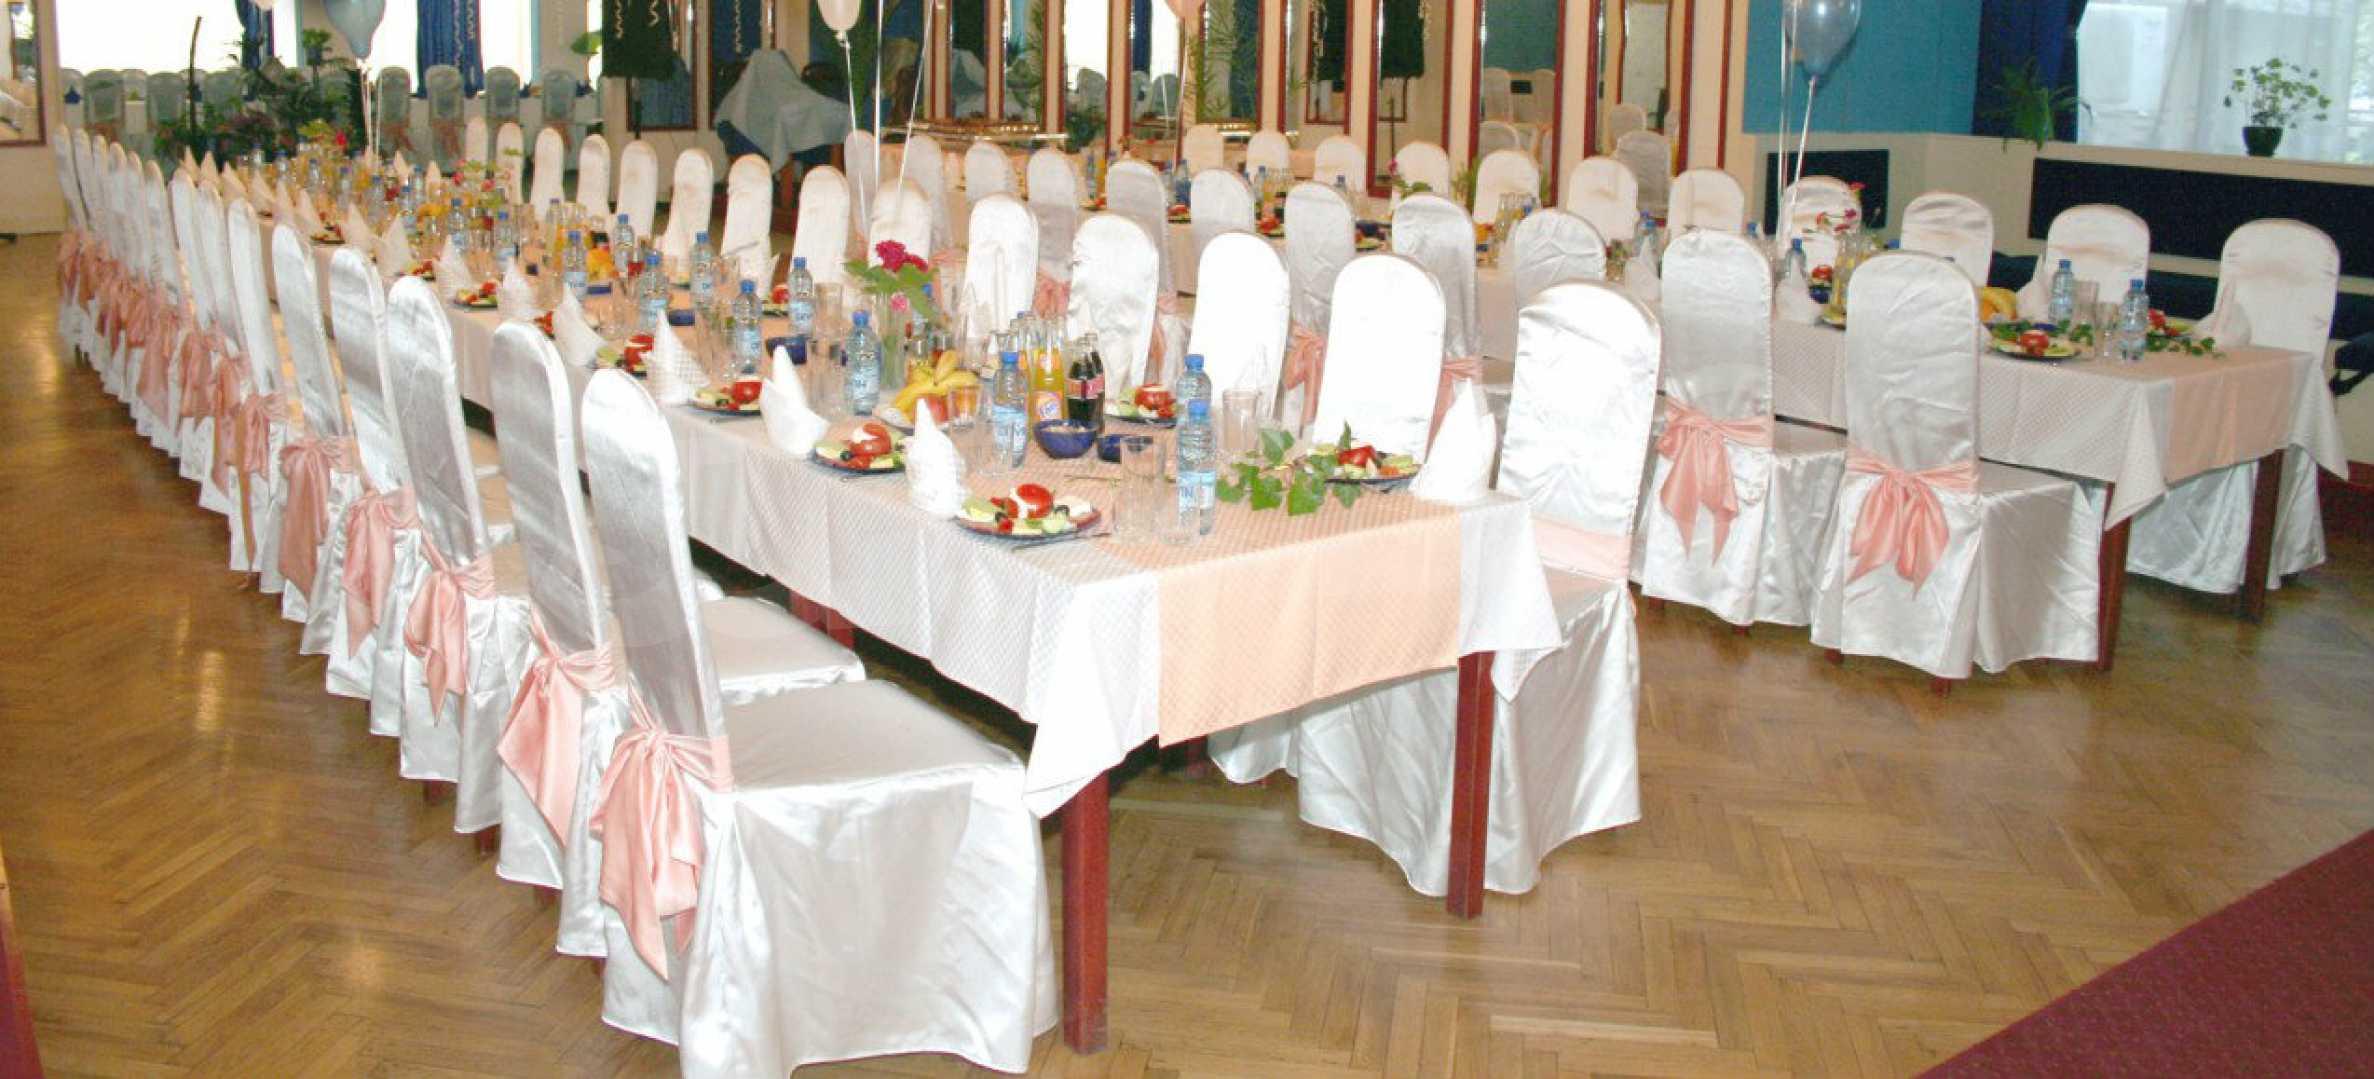 Betriebsrestaurant in der oberen Mitte von Gabrovo